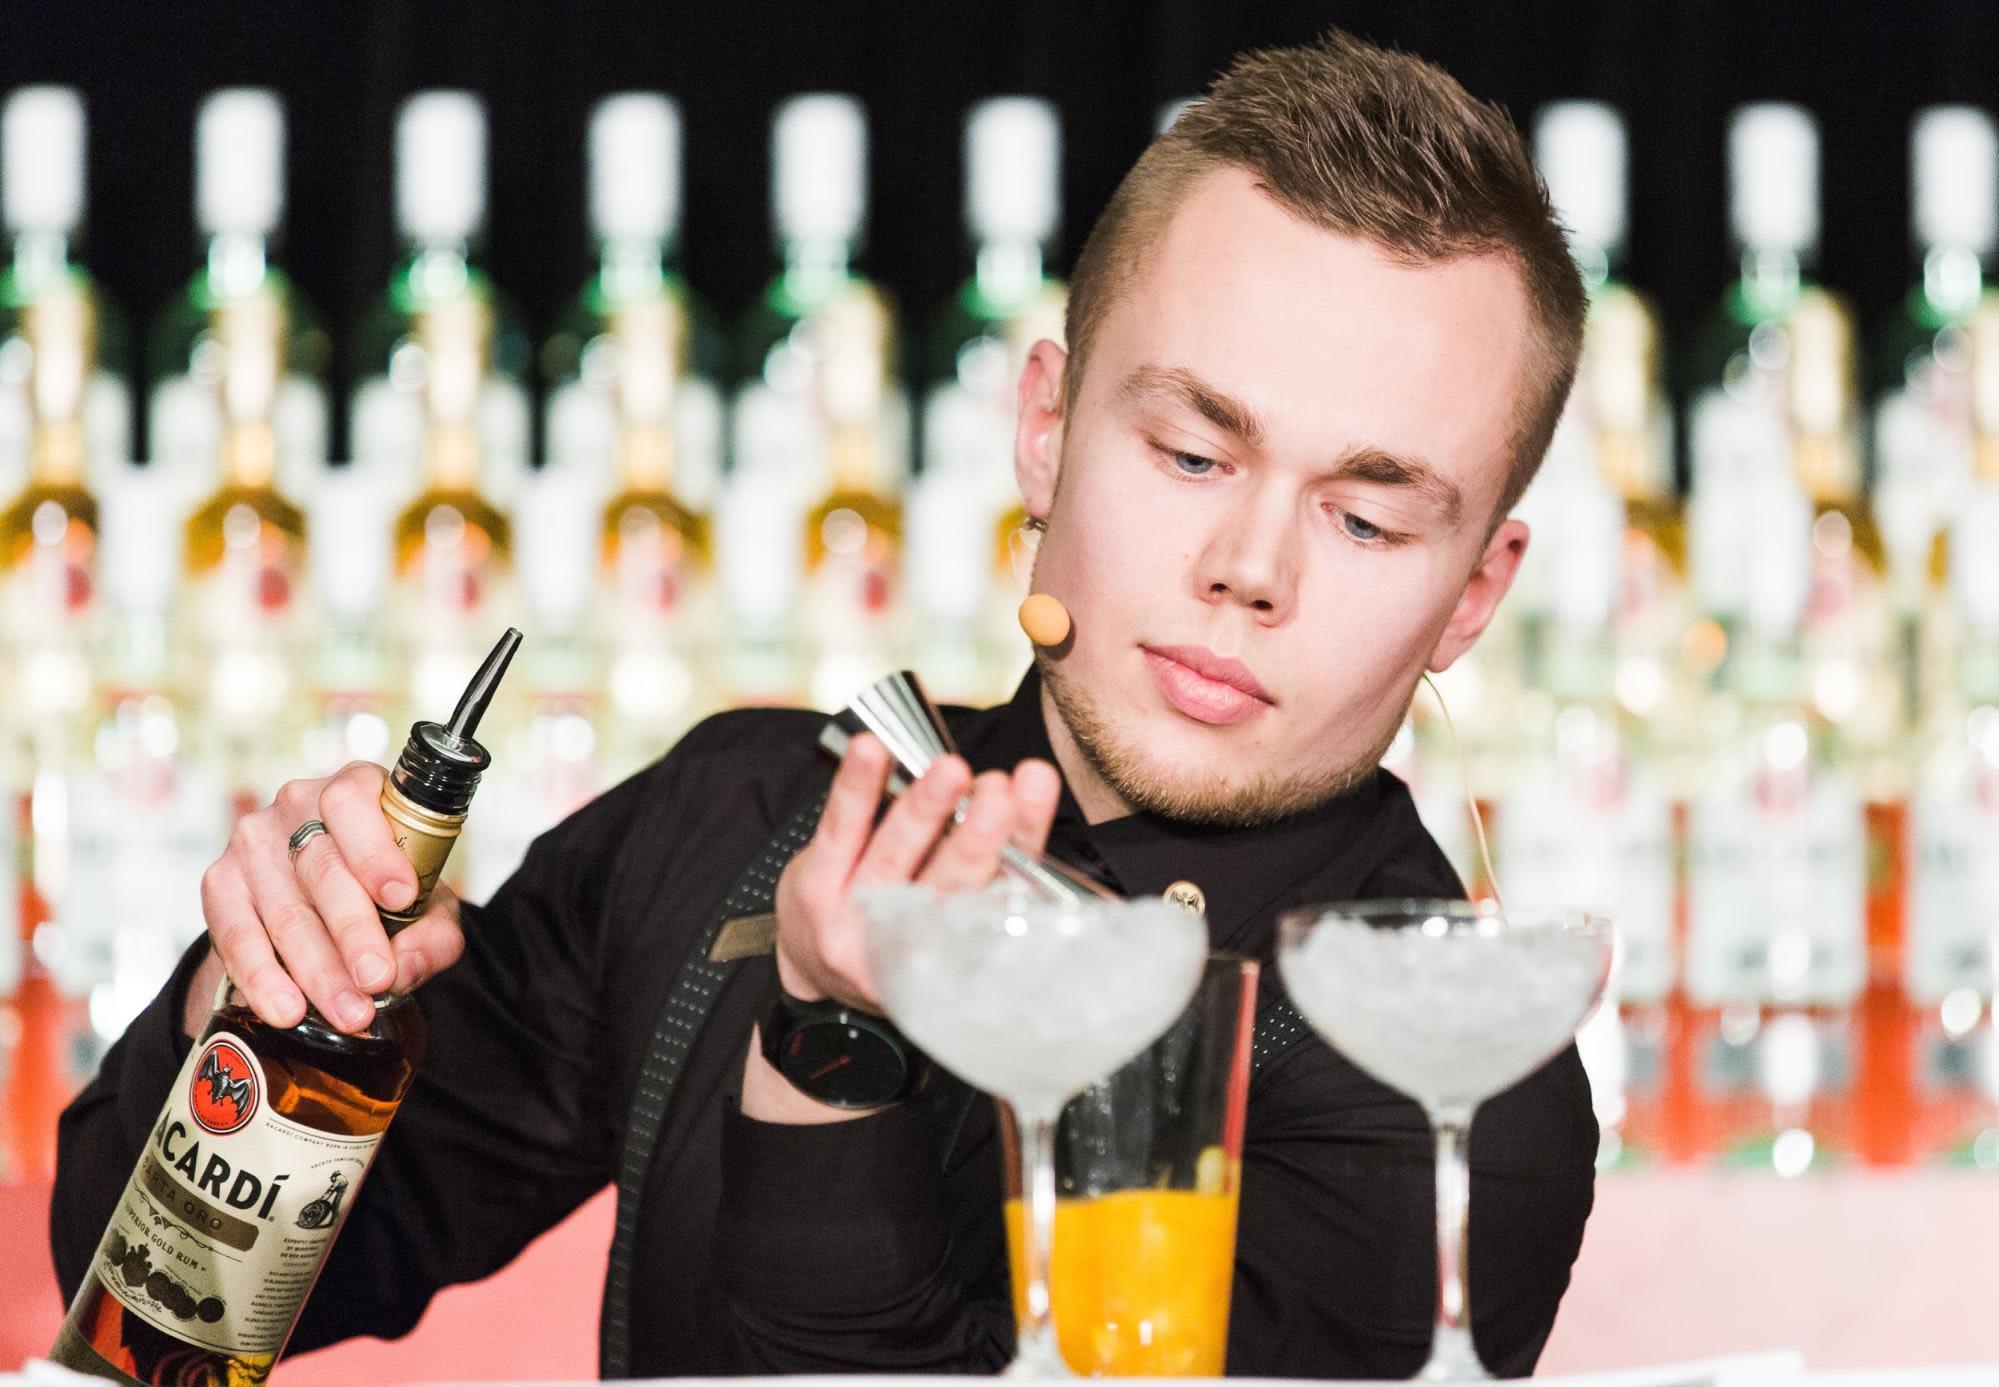 cocktail bốn mùa là một loại cocktail nổi tiếng của Estonia